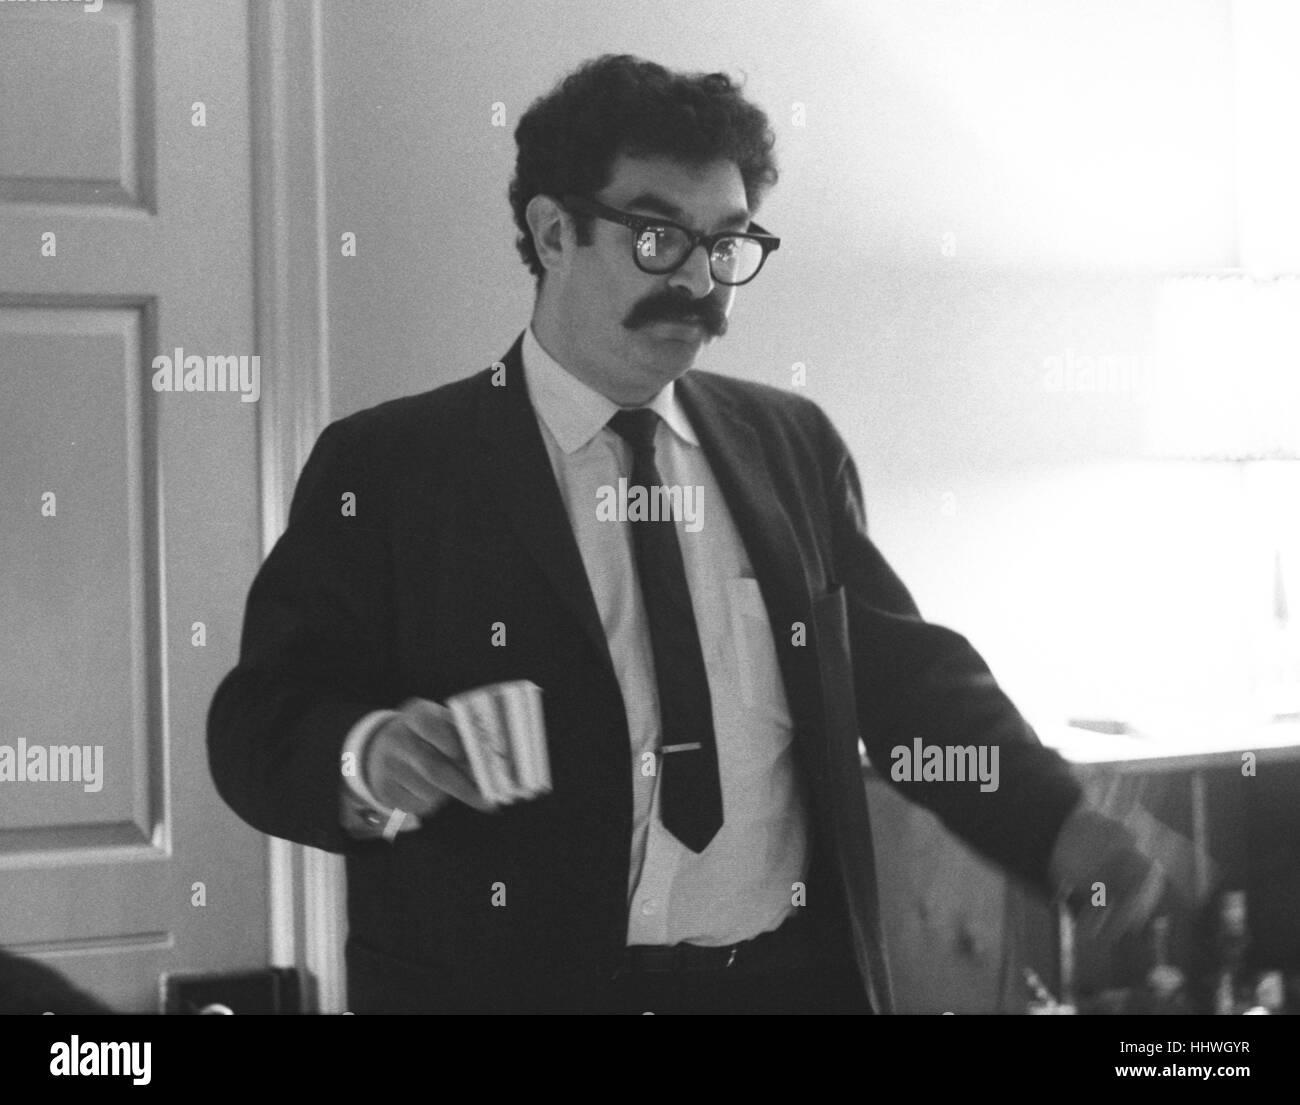 Gene Shalit en una fiesta en 1965 Imagen De Stock